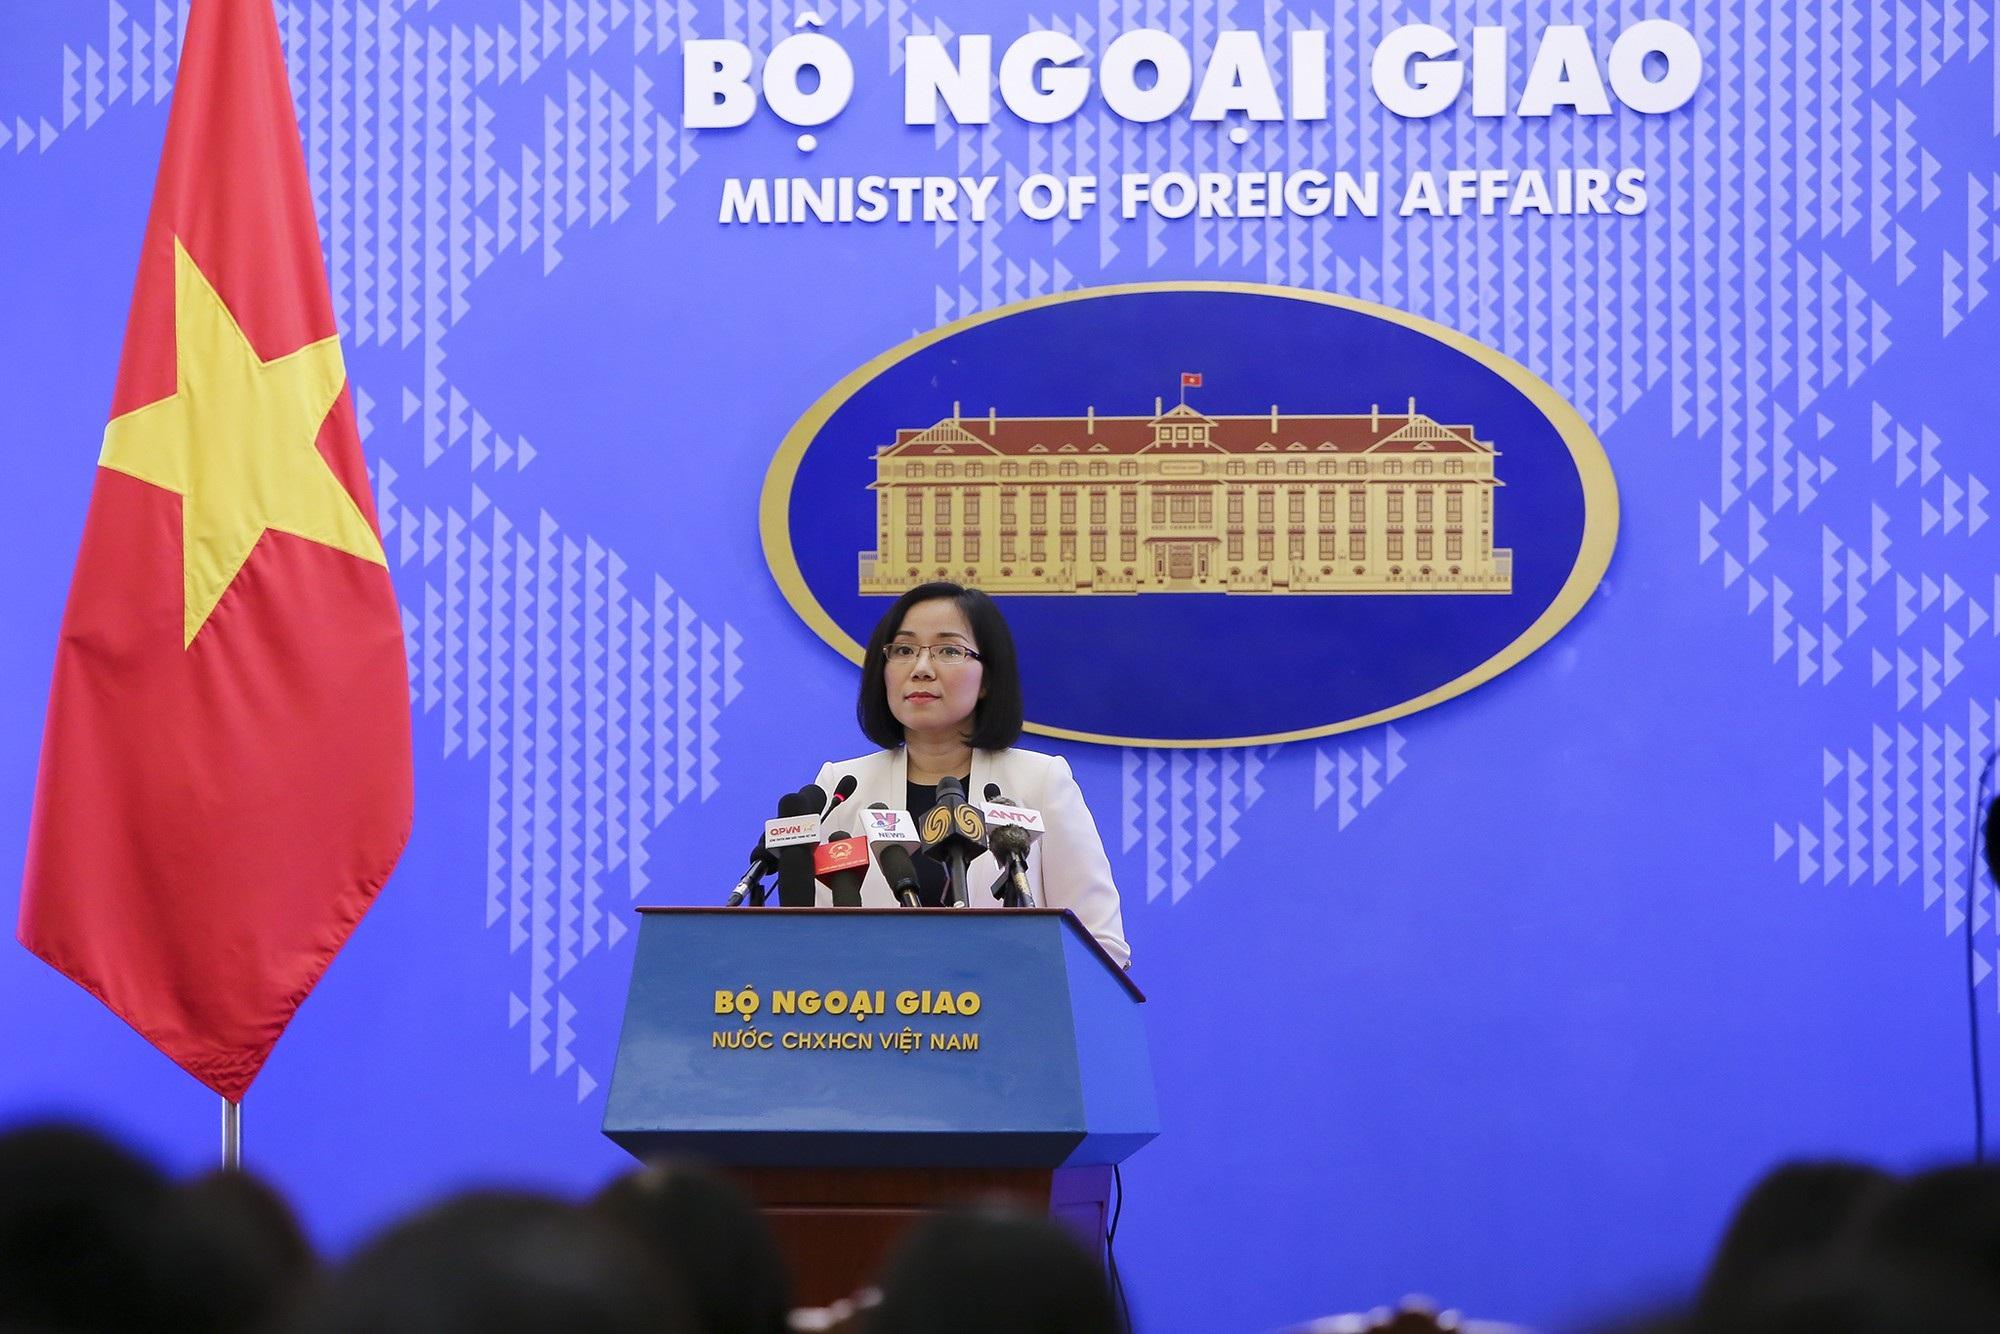 """Việt Nam nói về việc Trung Quốc """"bắt tay"""" Philippines khai thác dầu khí trên Biển Đông - Ảnh 1."""